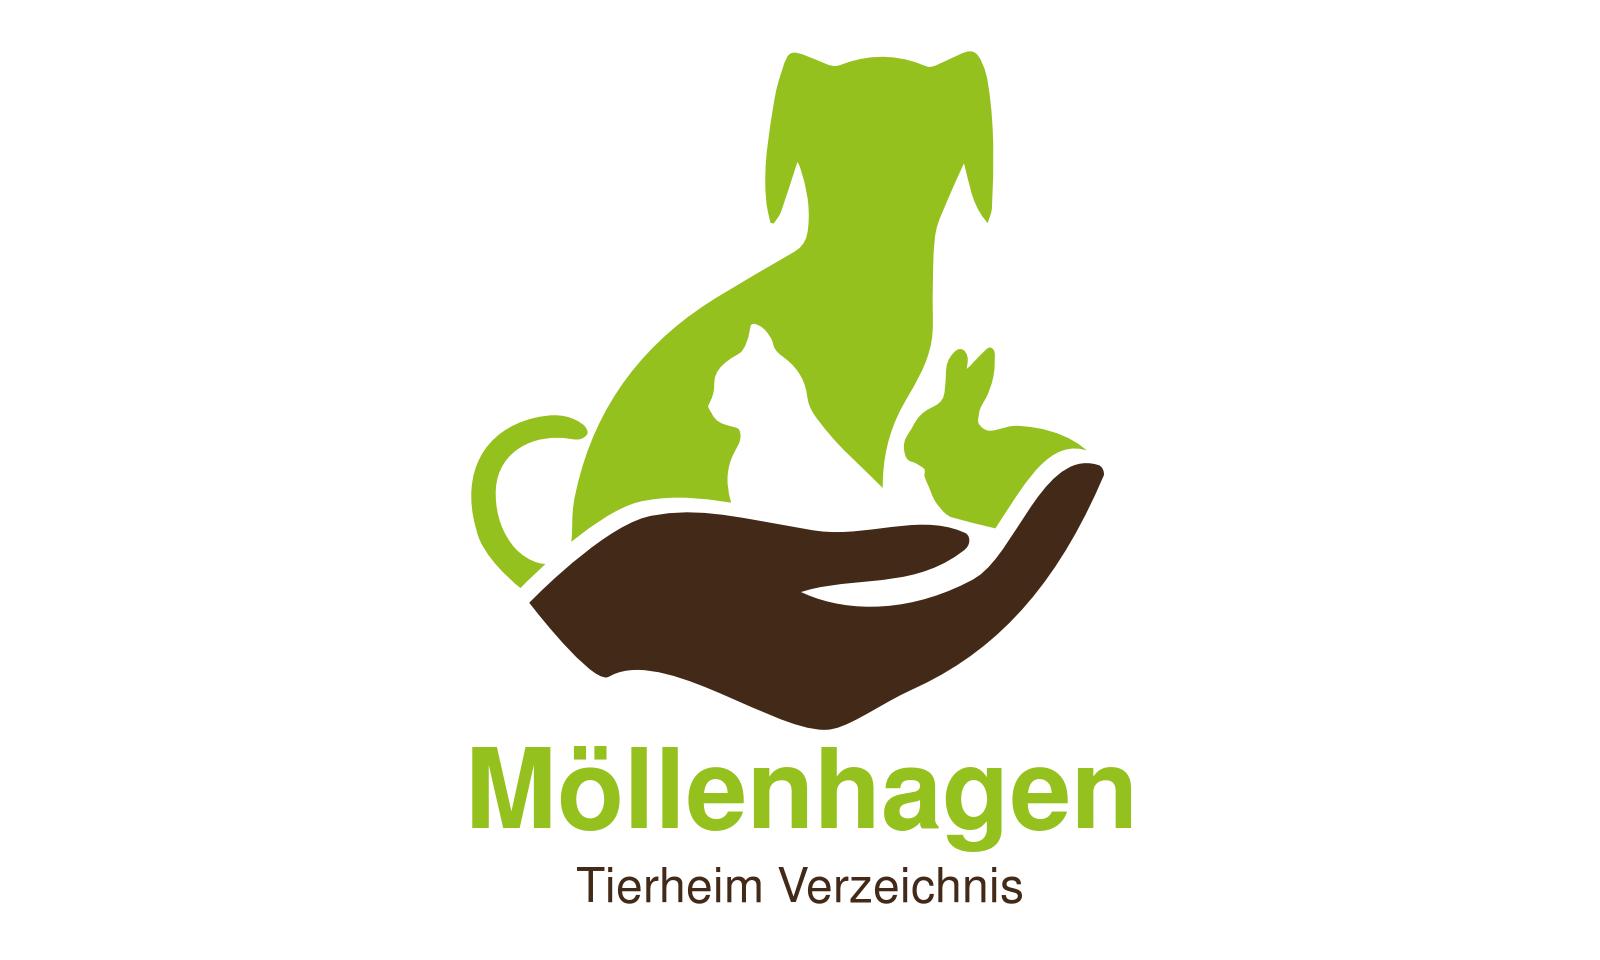 Tierheim Möllenhagen